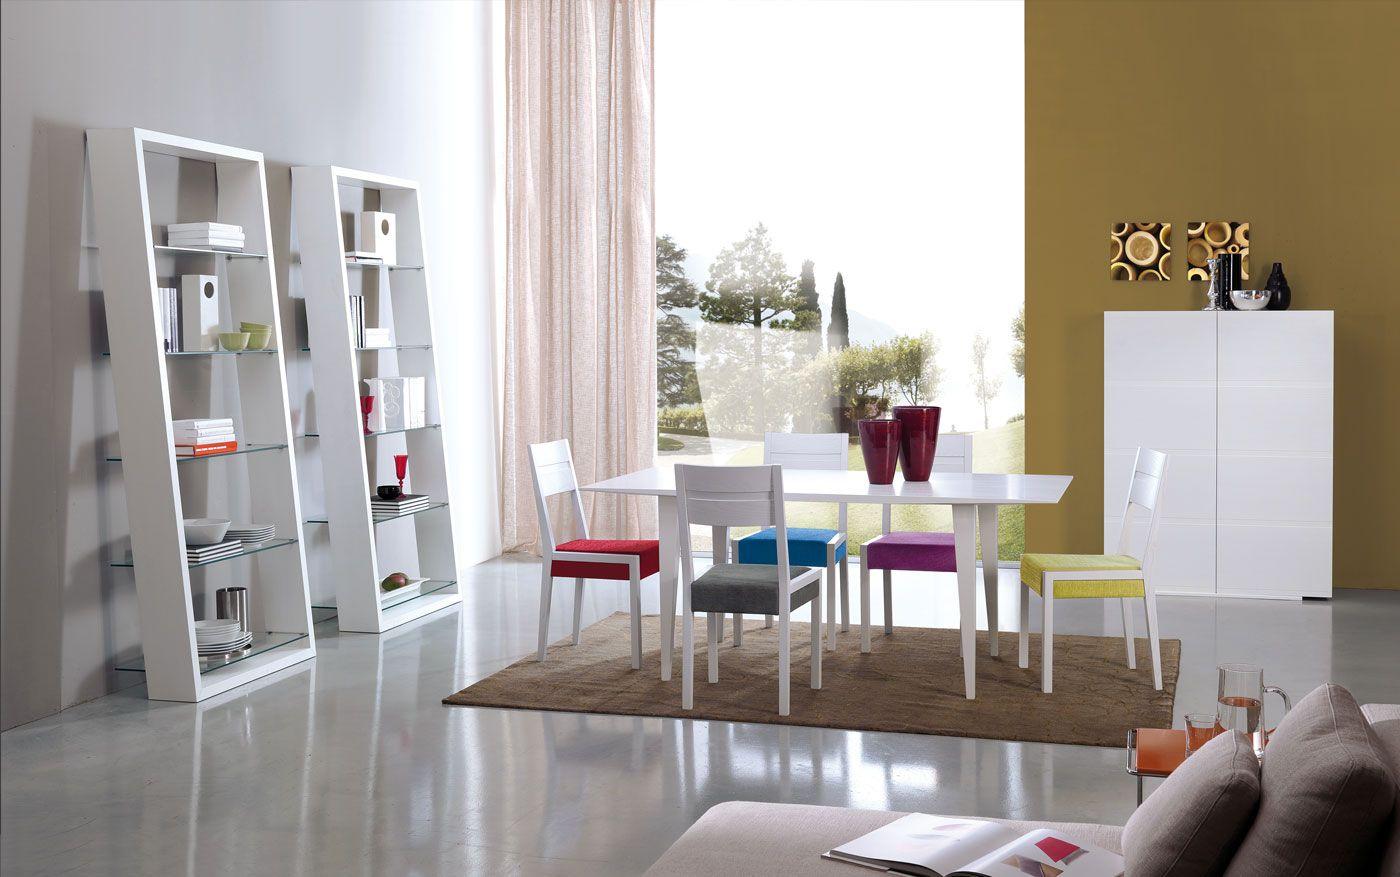 Wohnzimmermöbel designermöbel  Regal Portofino - Möbel / Wohnzimmermöbel / Möbel für Unterhaltung ...